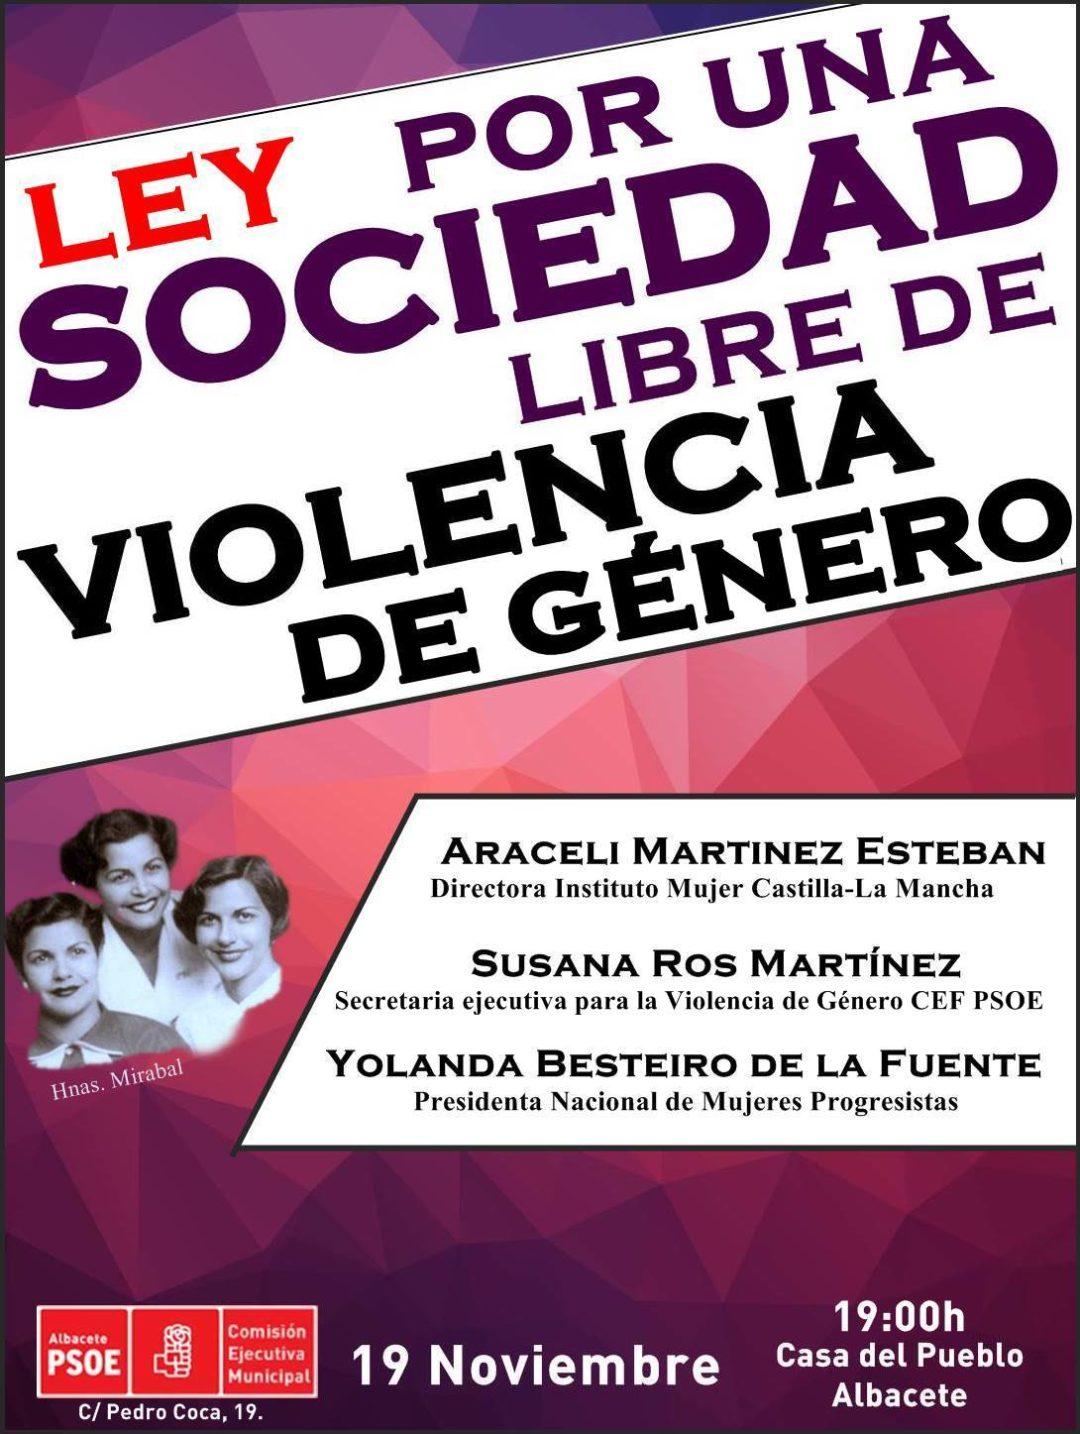 EL PSOE DE ALBACETE PROGRAMA UN COLOQUIO SOBRE LA LEY PARA UNA SOCIEDAD LIBRE DE VIOLENCIA DE GÉNERO